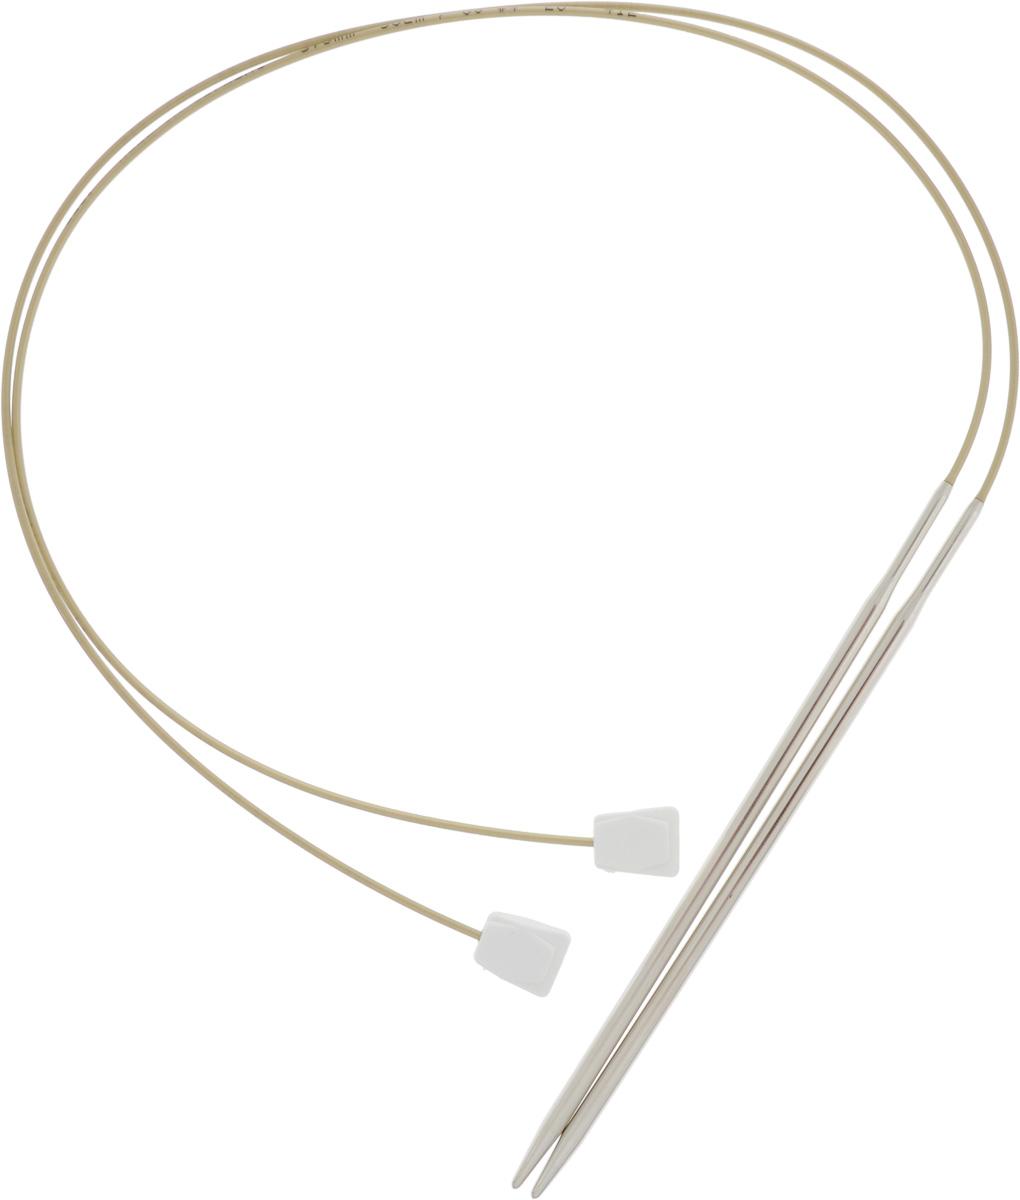 Спицы Addi, с фиксаторами на лесках, диаметр 3,5 мм, длина 50 см, 2 шт181-7/3.5-50Оригинальные спицы Addi - сочетание традиционных прямых спиц и гибкой лески с фиксатором на конце. Общая длина металлической части спиц и лески составляет 50 см, при этом вес этих спиц гораздо меньше традиционных прямых спиц. Гибкость лески позволяет распределить вес изделия, что облегчает вязание больших, тяжелых вещей. Фиксаторы из пластика не позволят полотну соскользнуть со спиц. Лёгкость скольжения петель обеспечивают никелевое покрытие металлической части и высококачественная нейлоновая леска. Все эти достоинства спиц с фиксаторами на лесках позволят вам в полной мере насладиться процессом вязания, а вещи, связанные с помощью таких спиц, будут согревать теплом вас и ваших близких.